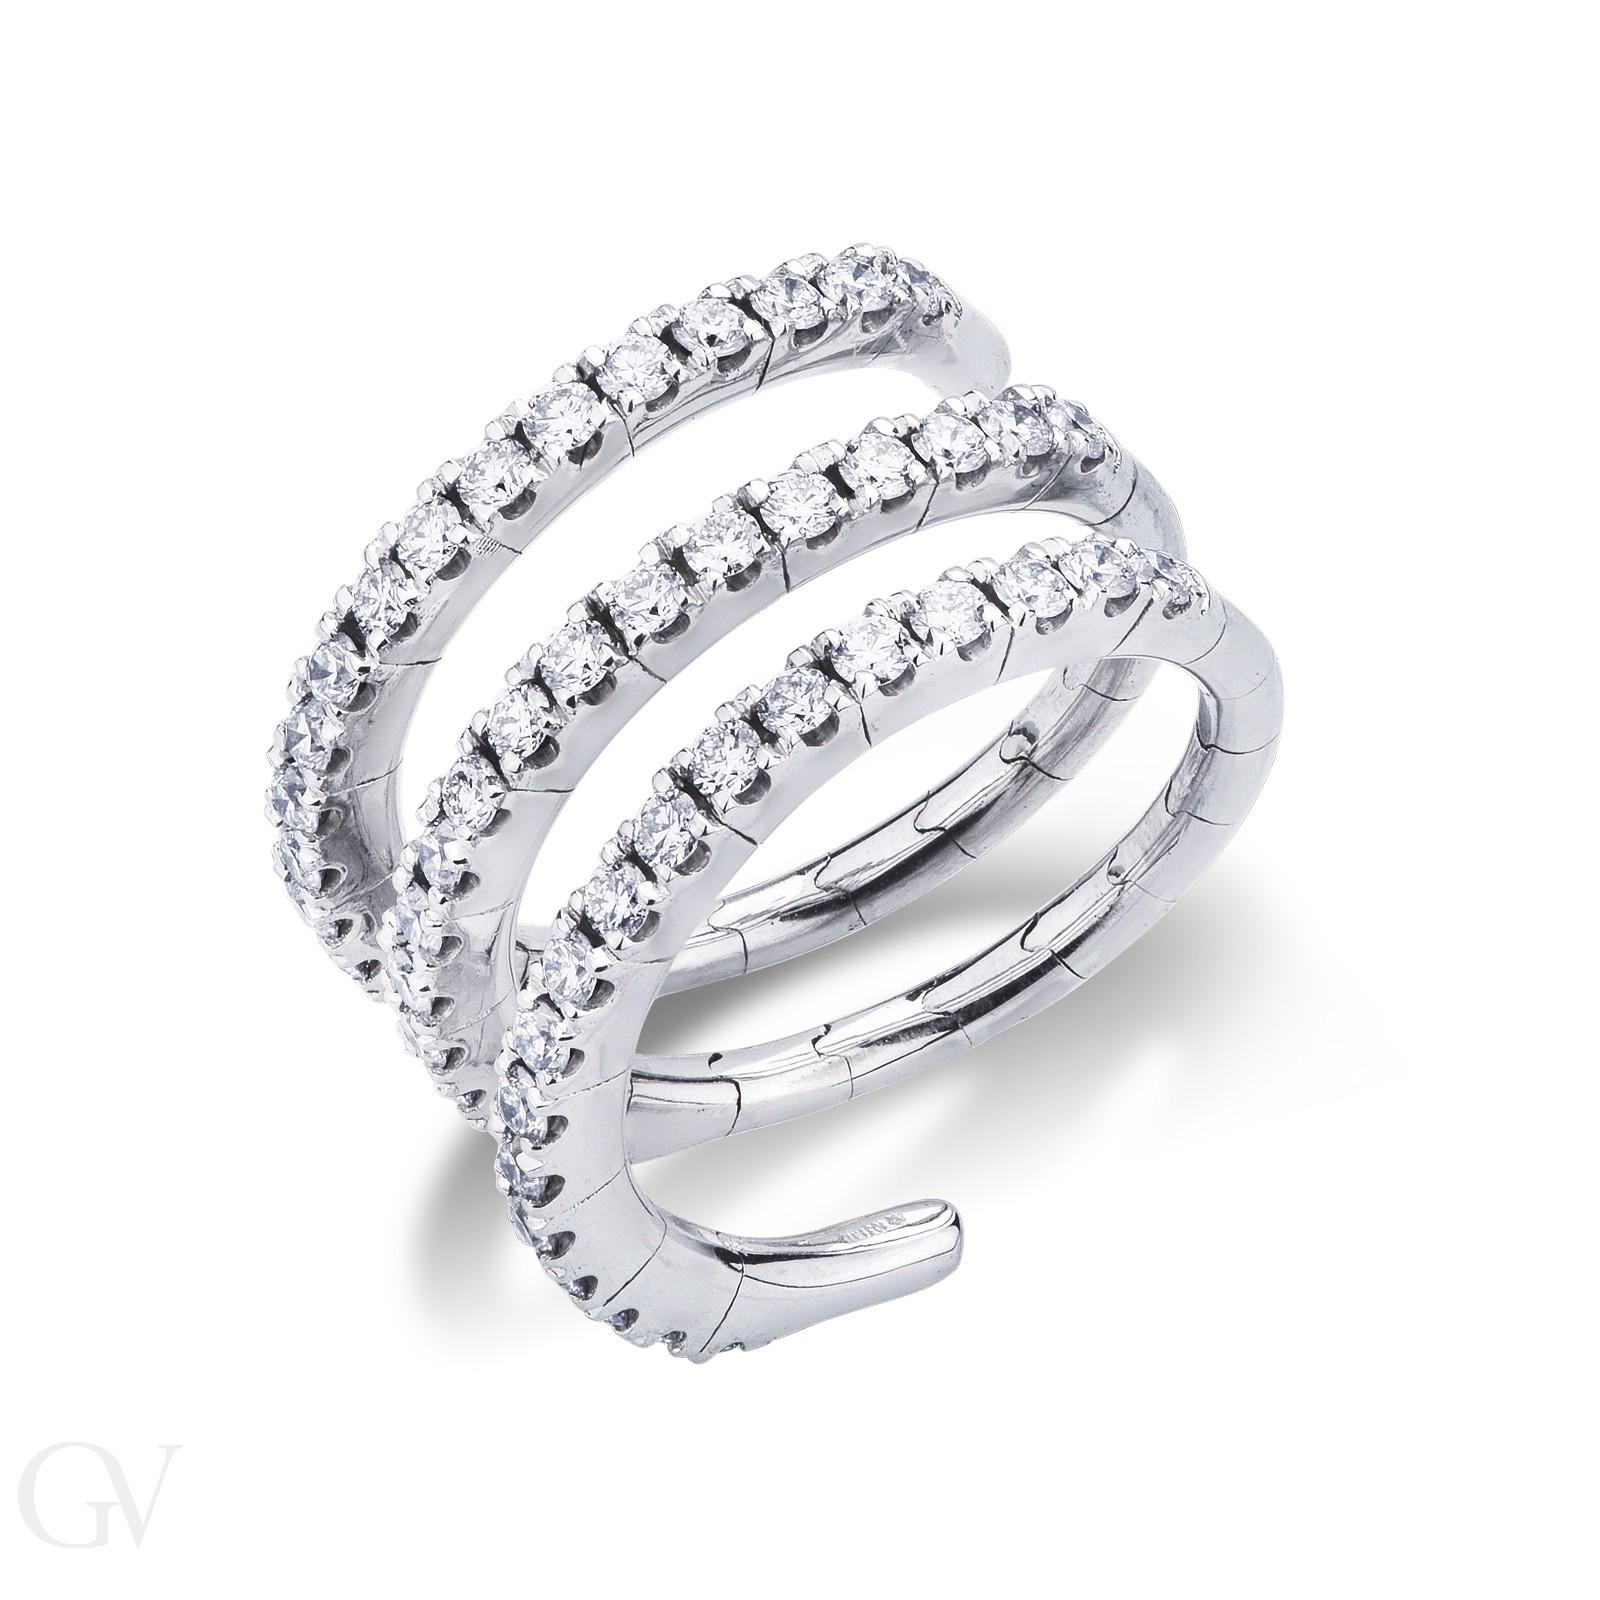 Anello elastico in oro bianco 18k con diamanti.